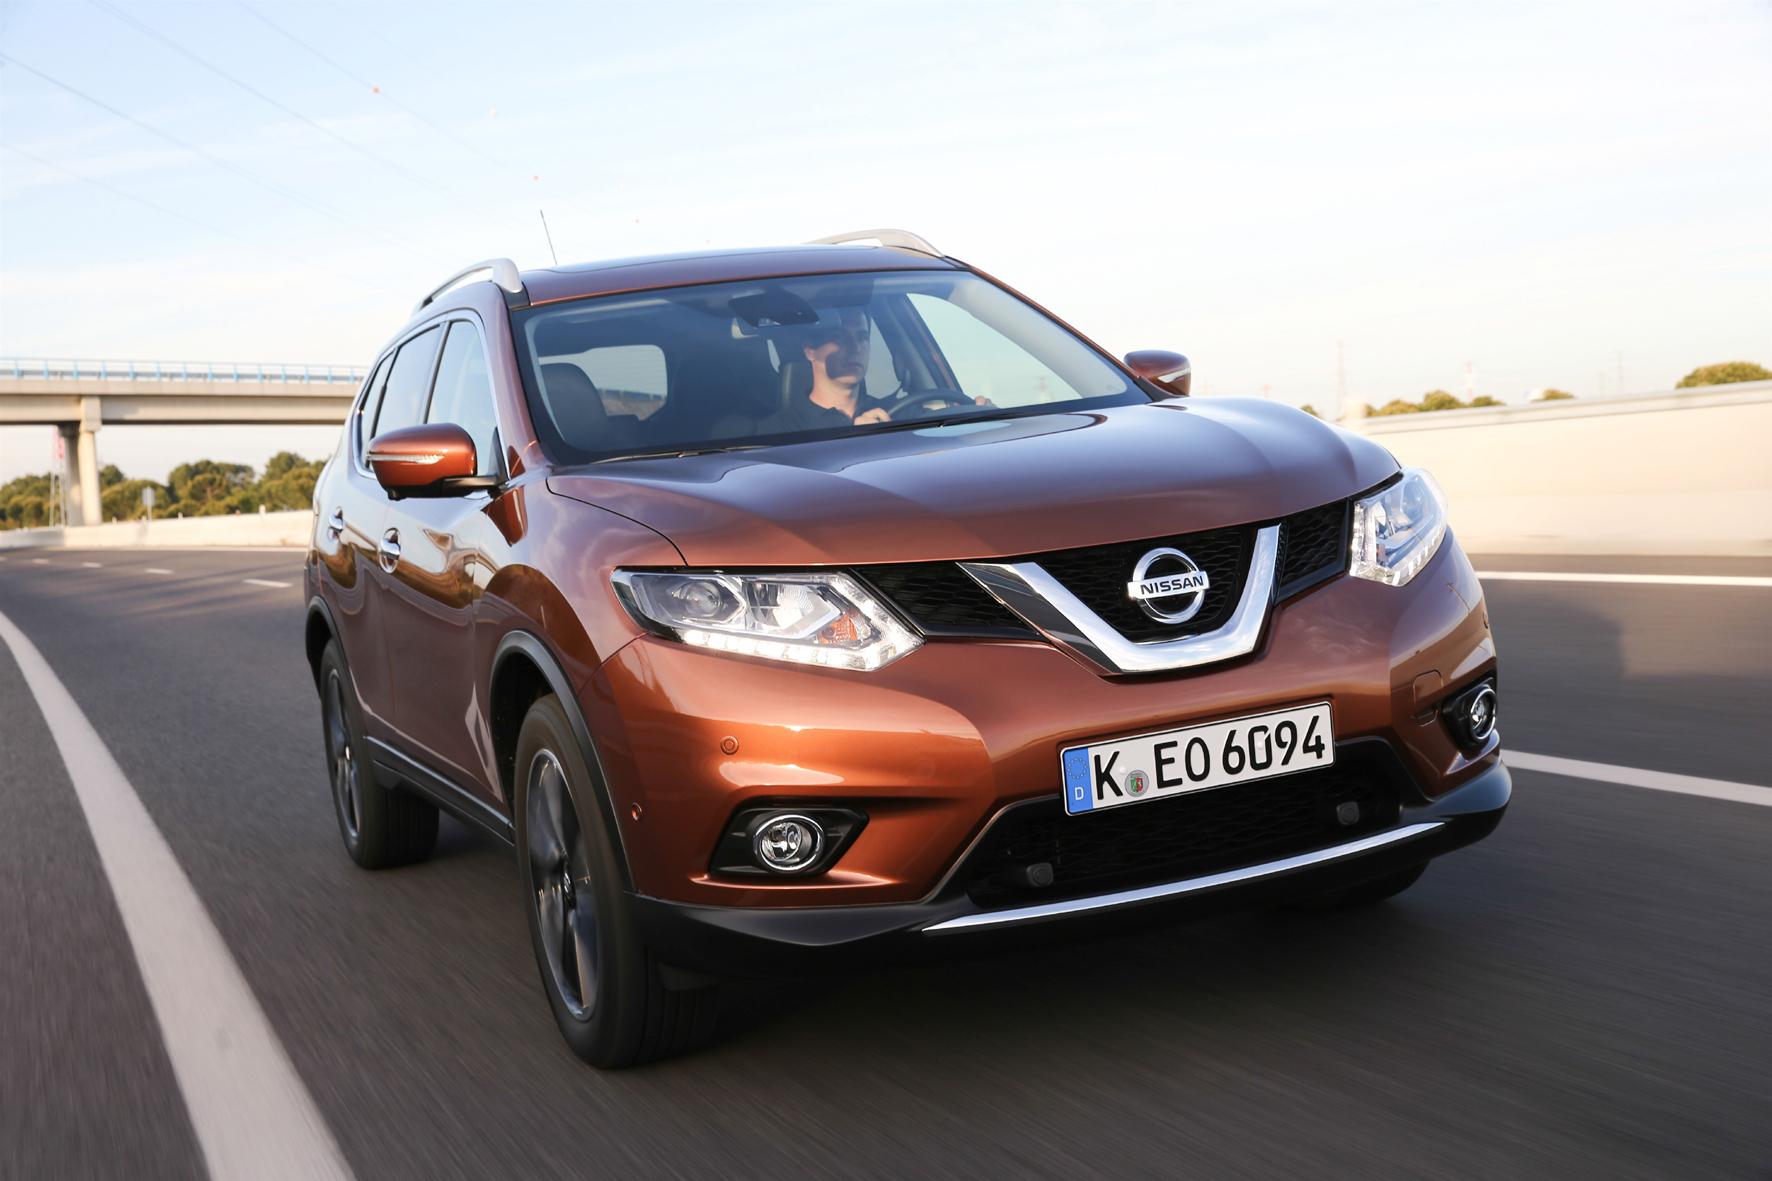 mid Groß-Gerau - Nissan bleibt die Nummer eins auf dem europäischen SUV-Markt.